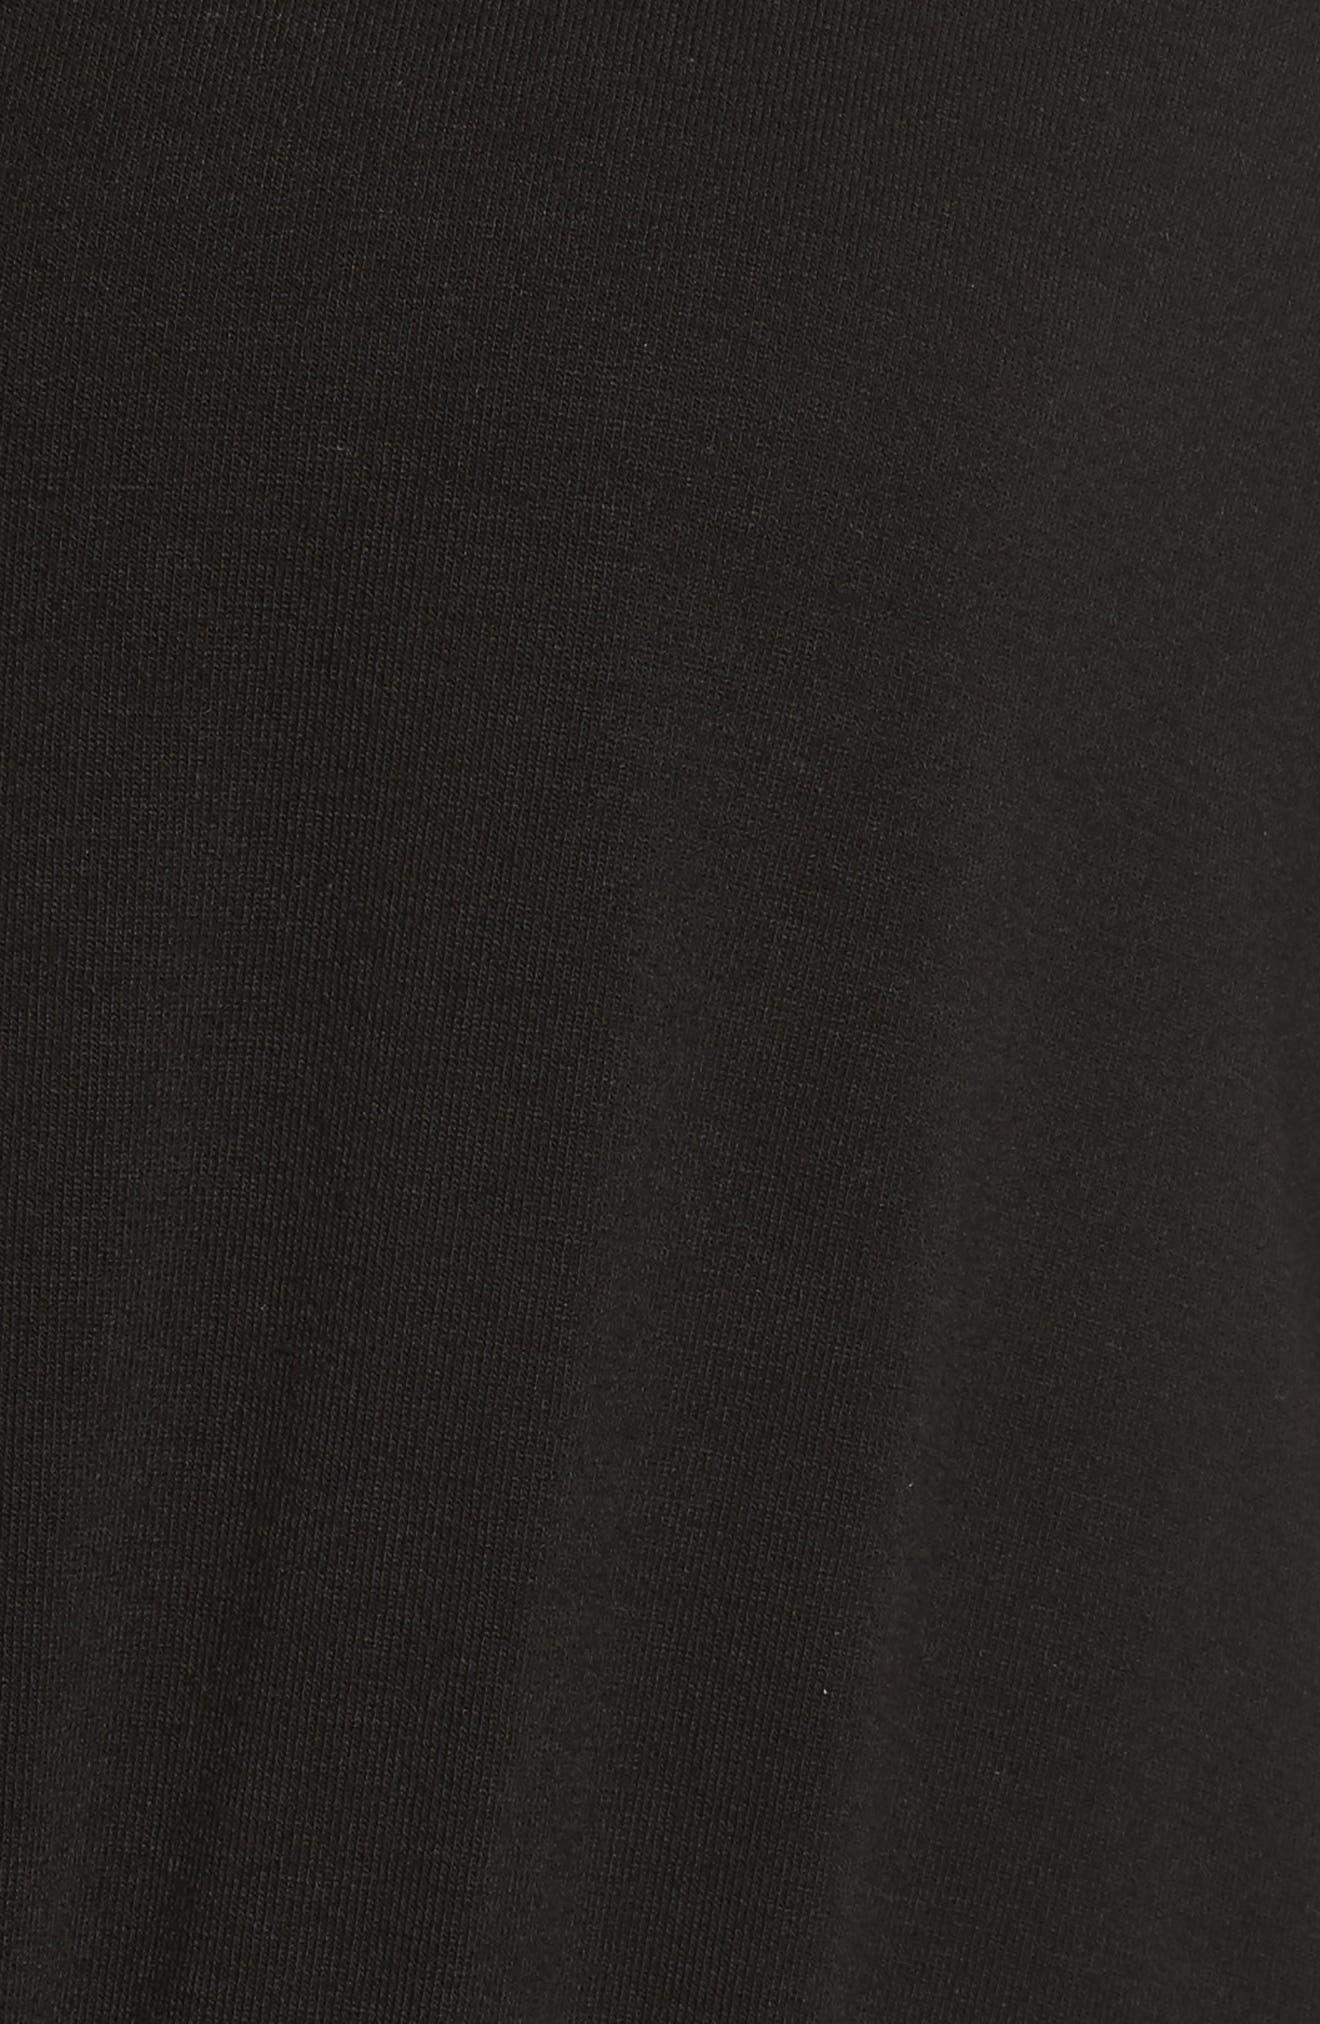 Rocco Jumpsuit,                             Alternate thumbnail 5, color,                             Black